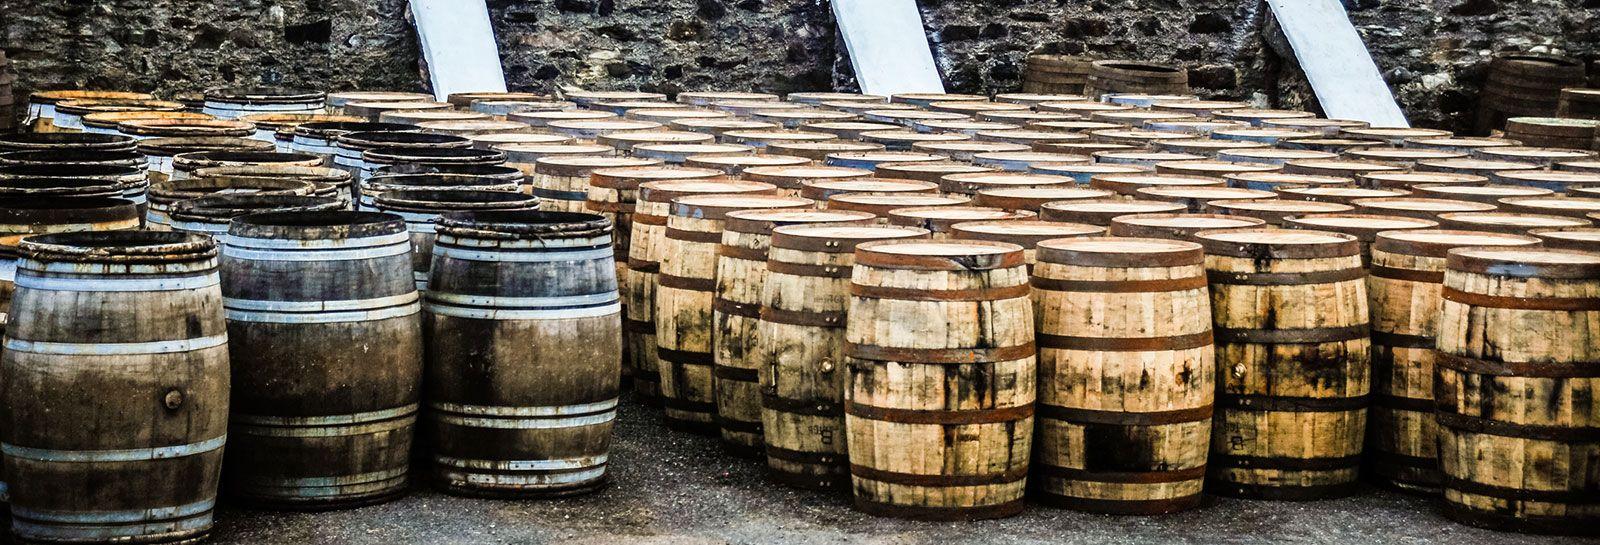 whisky barrels banner image